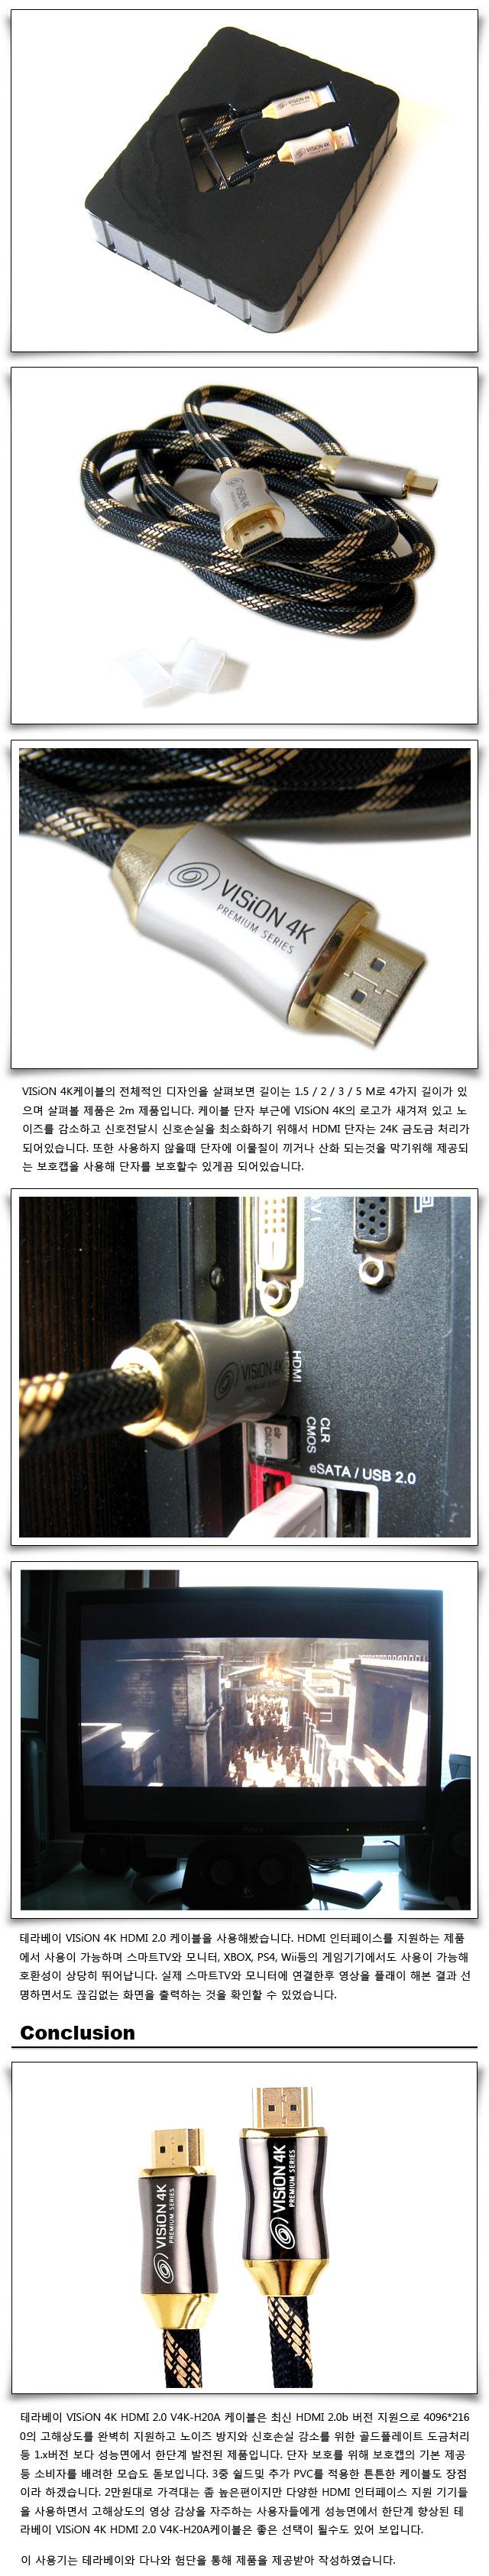 VISiON-4K_03.jpg